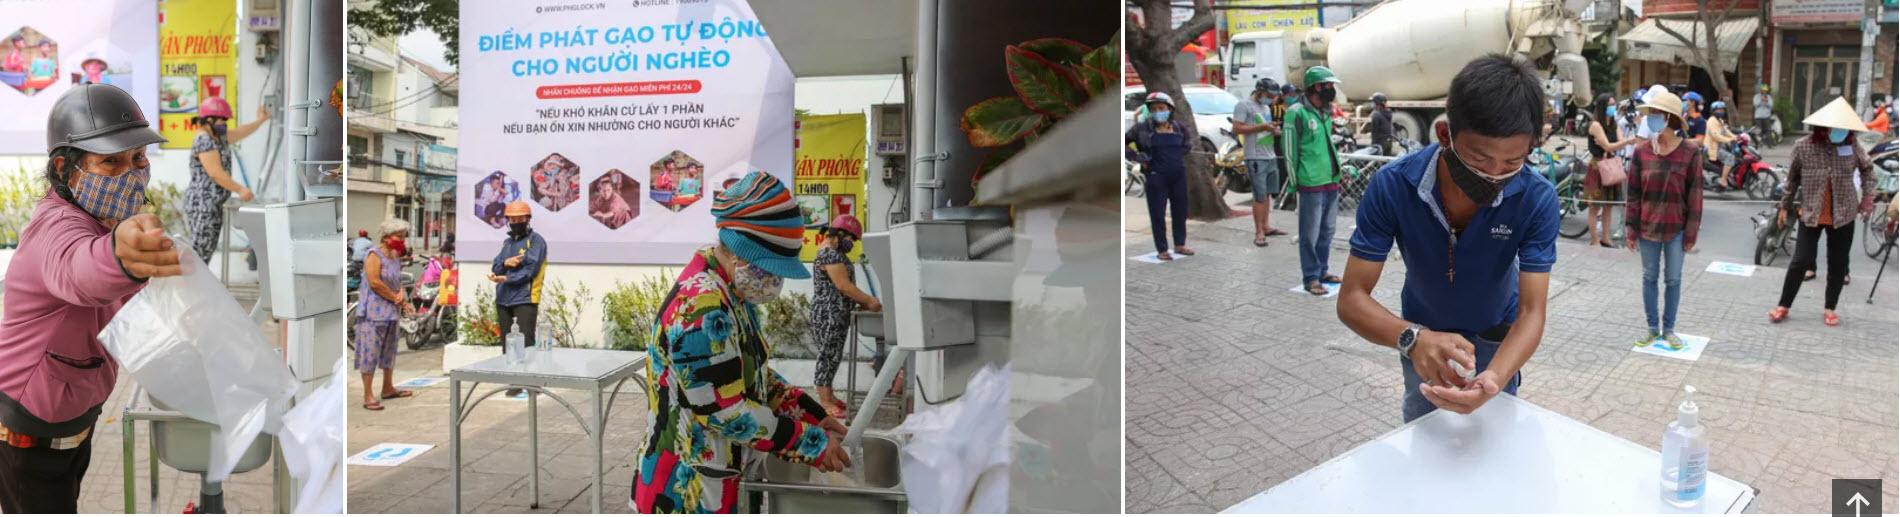 """[eMagazine] """"Bí mật"""" của Hoàng Tuấn Anh - ông chủ """"ATM gạo"""" từ thiện đình đám - 2"""